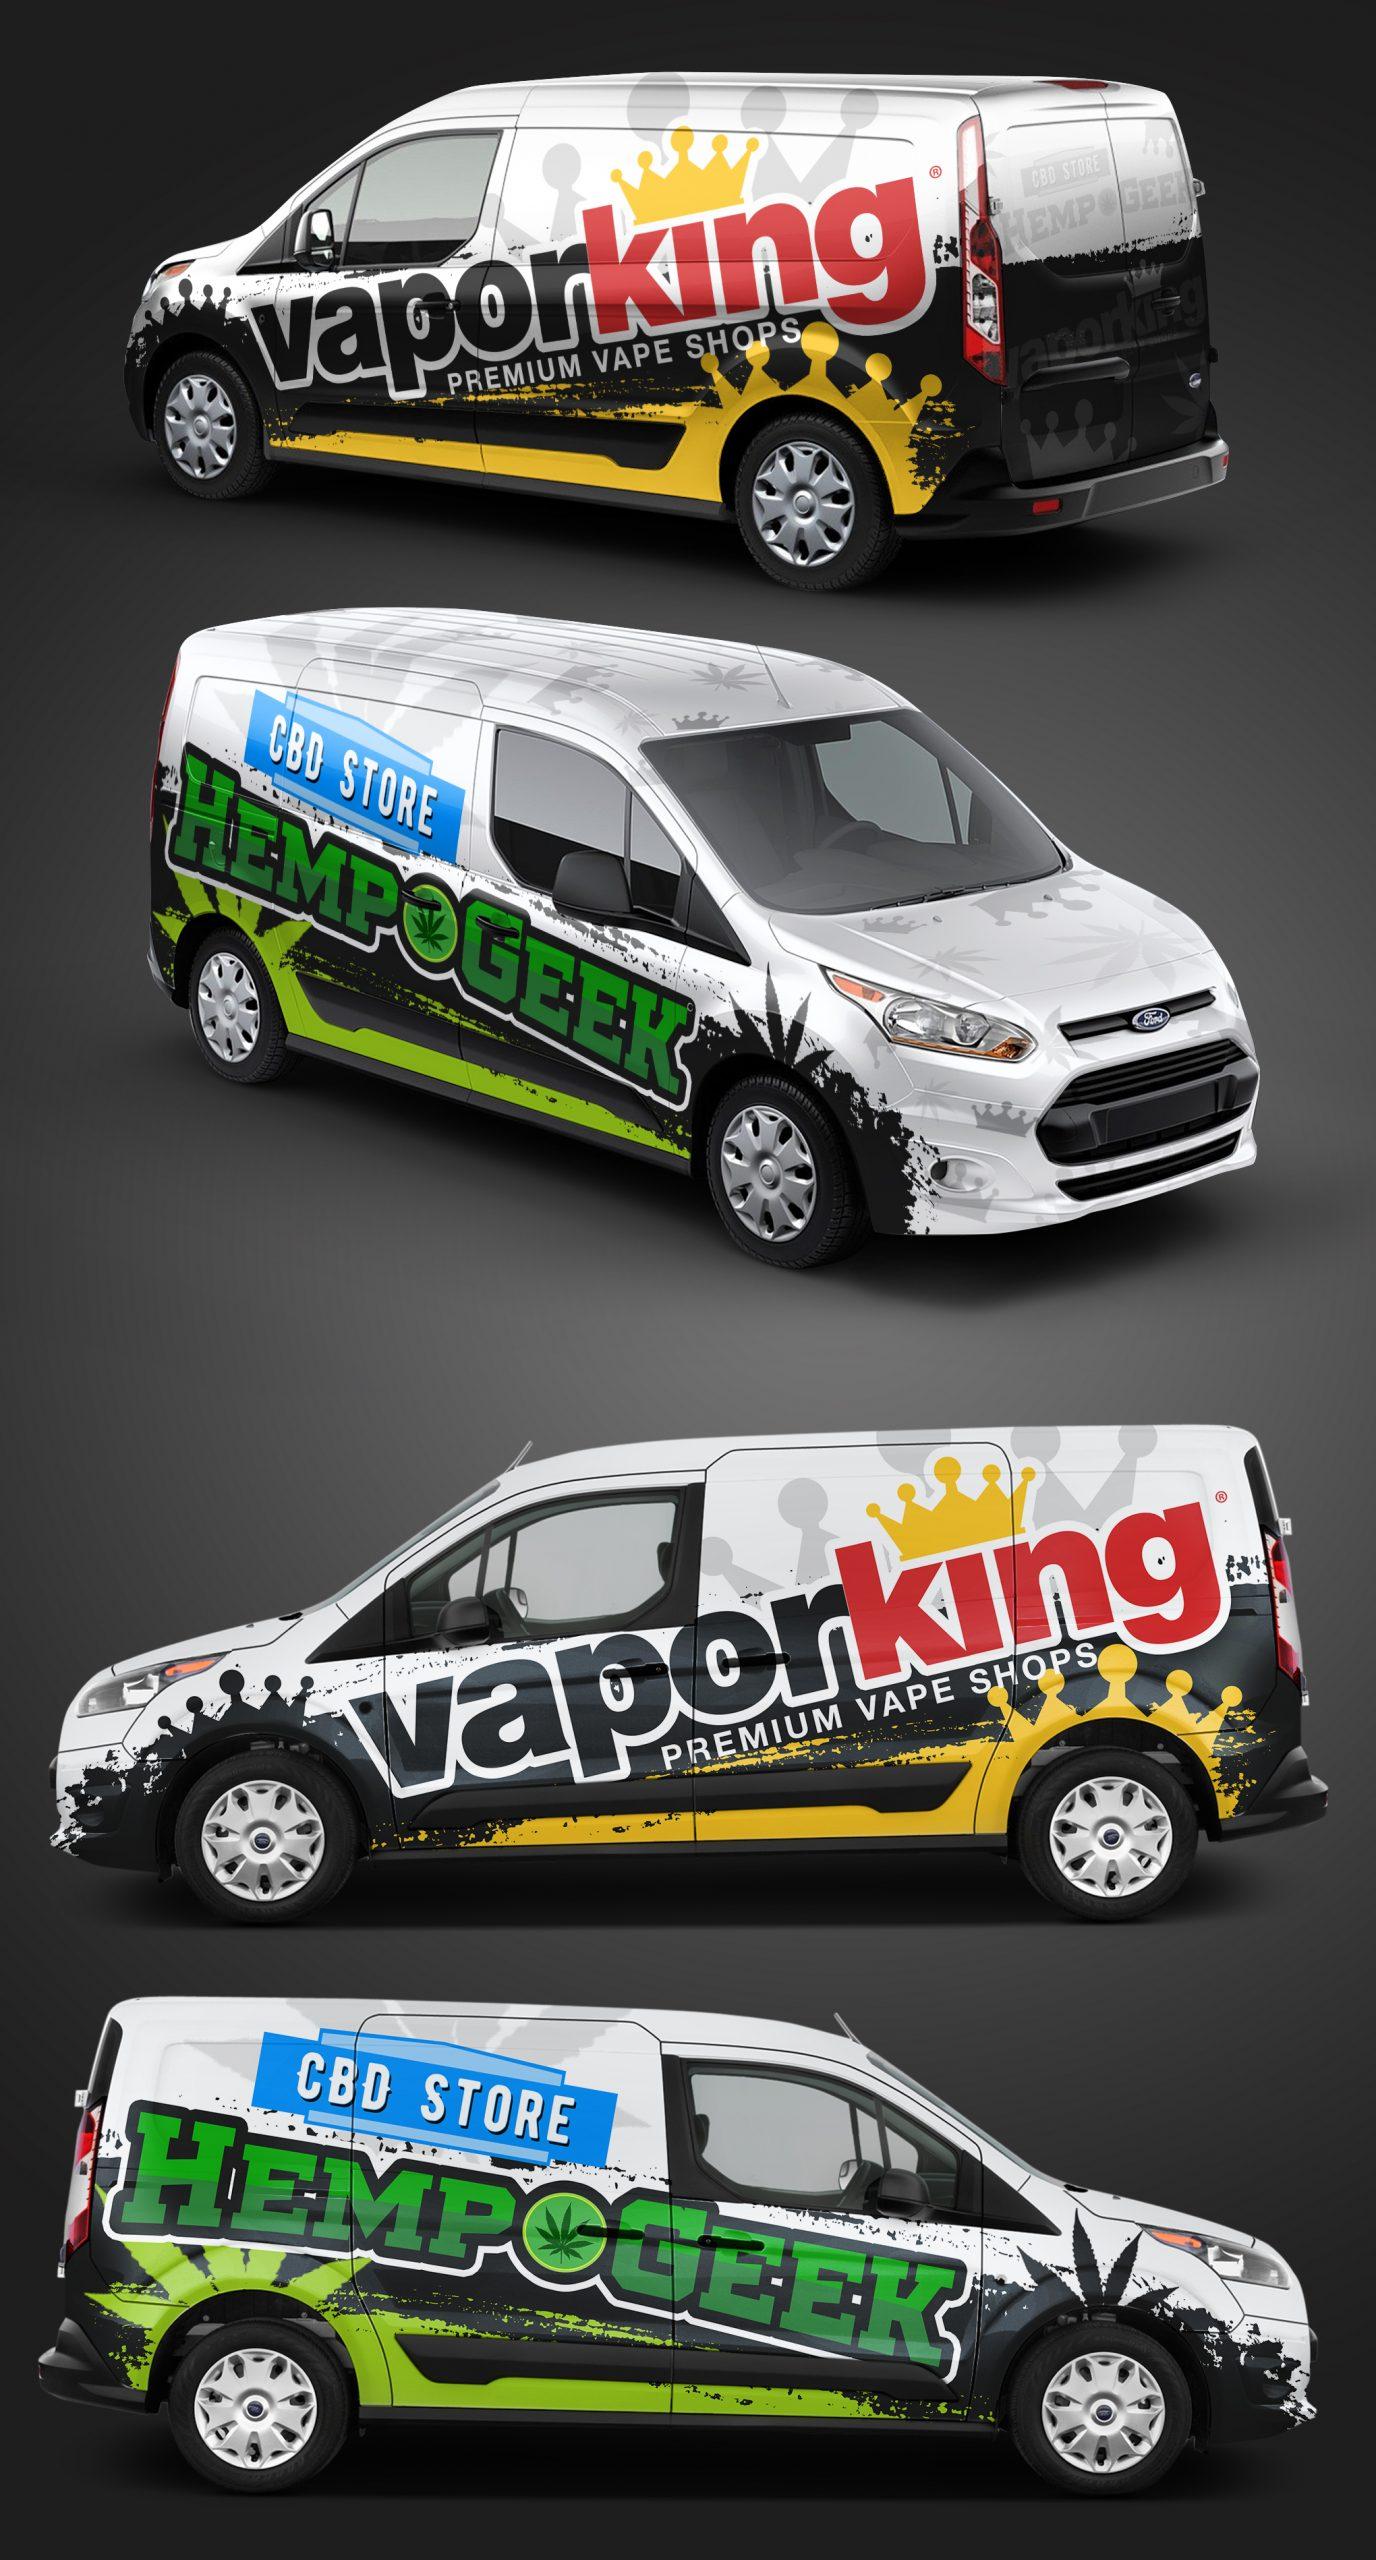 Vapor King & Hemp Geek Ford Transit Connect Vehicle Wrap (mockup)